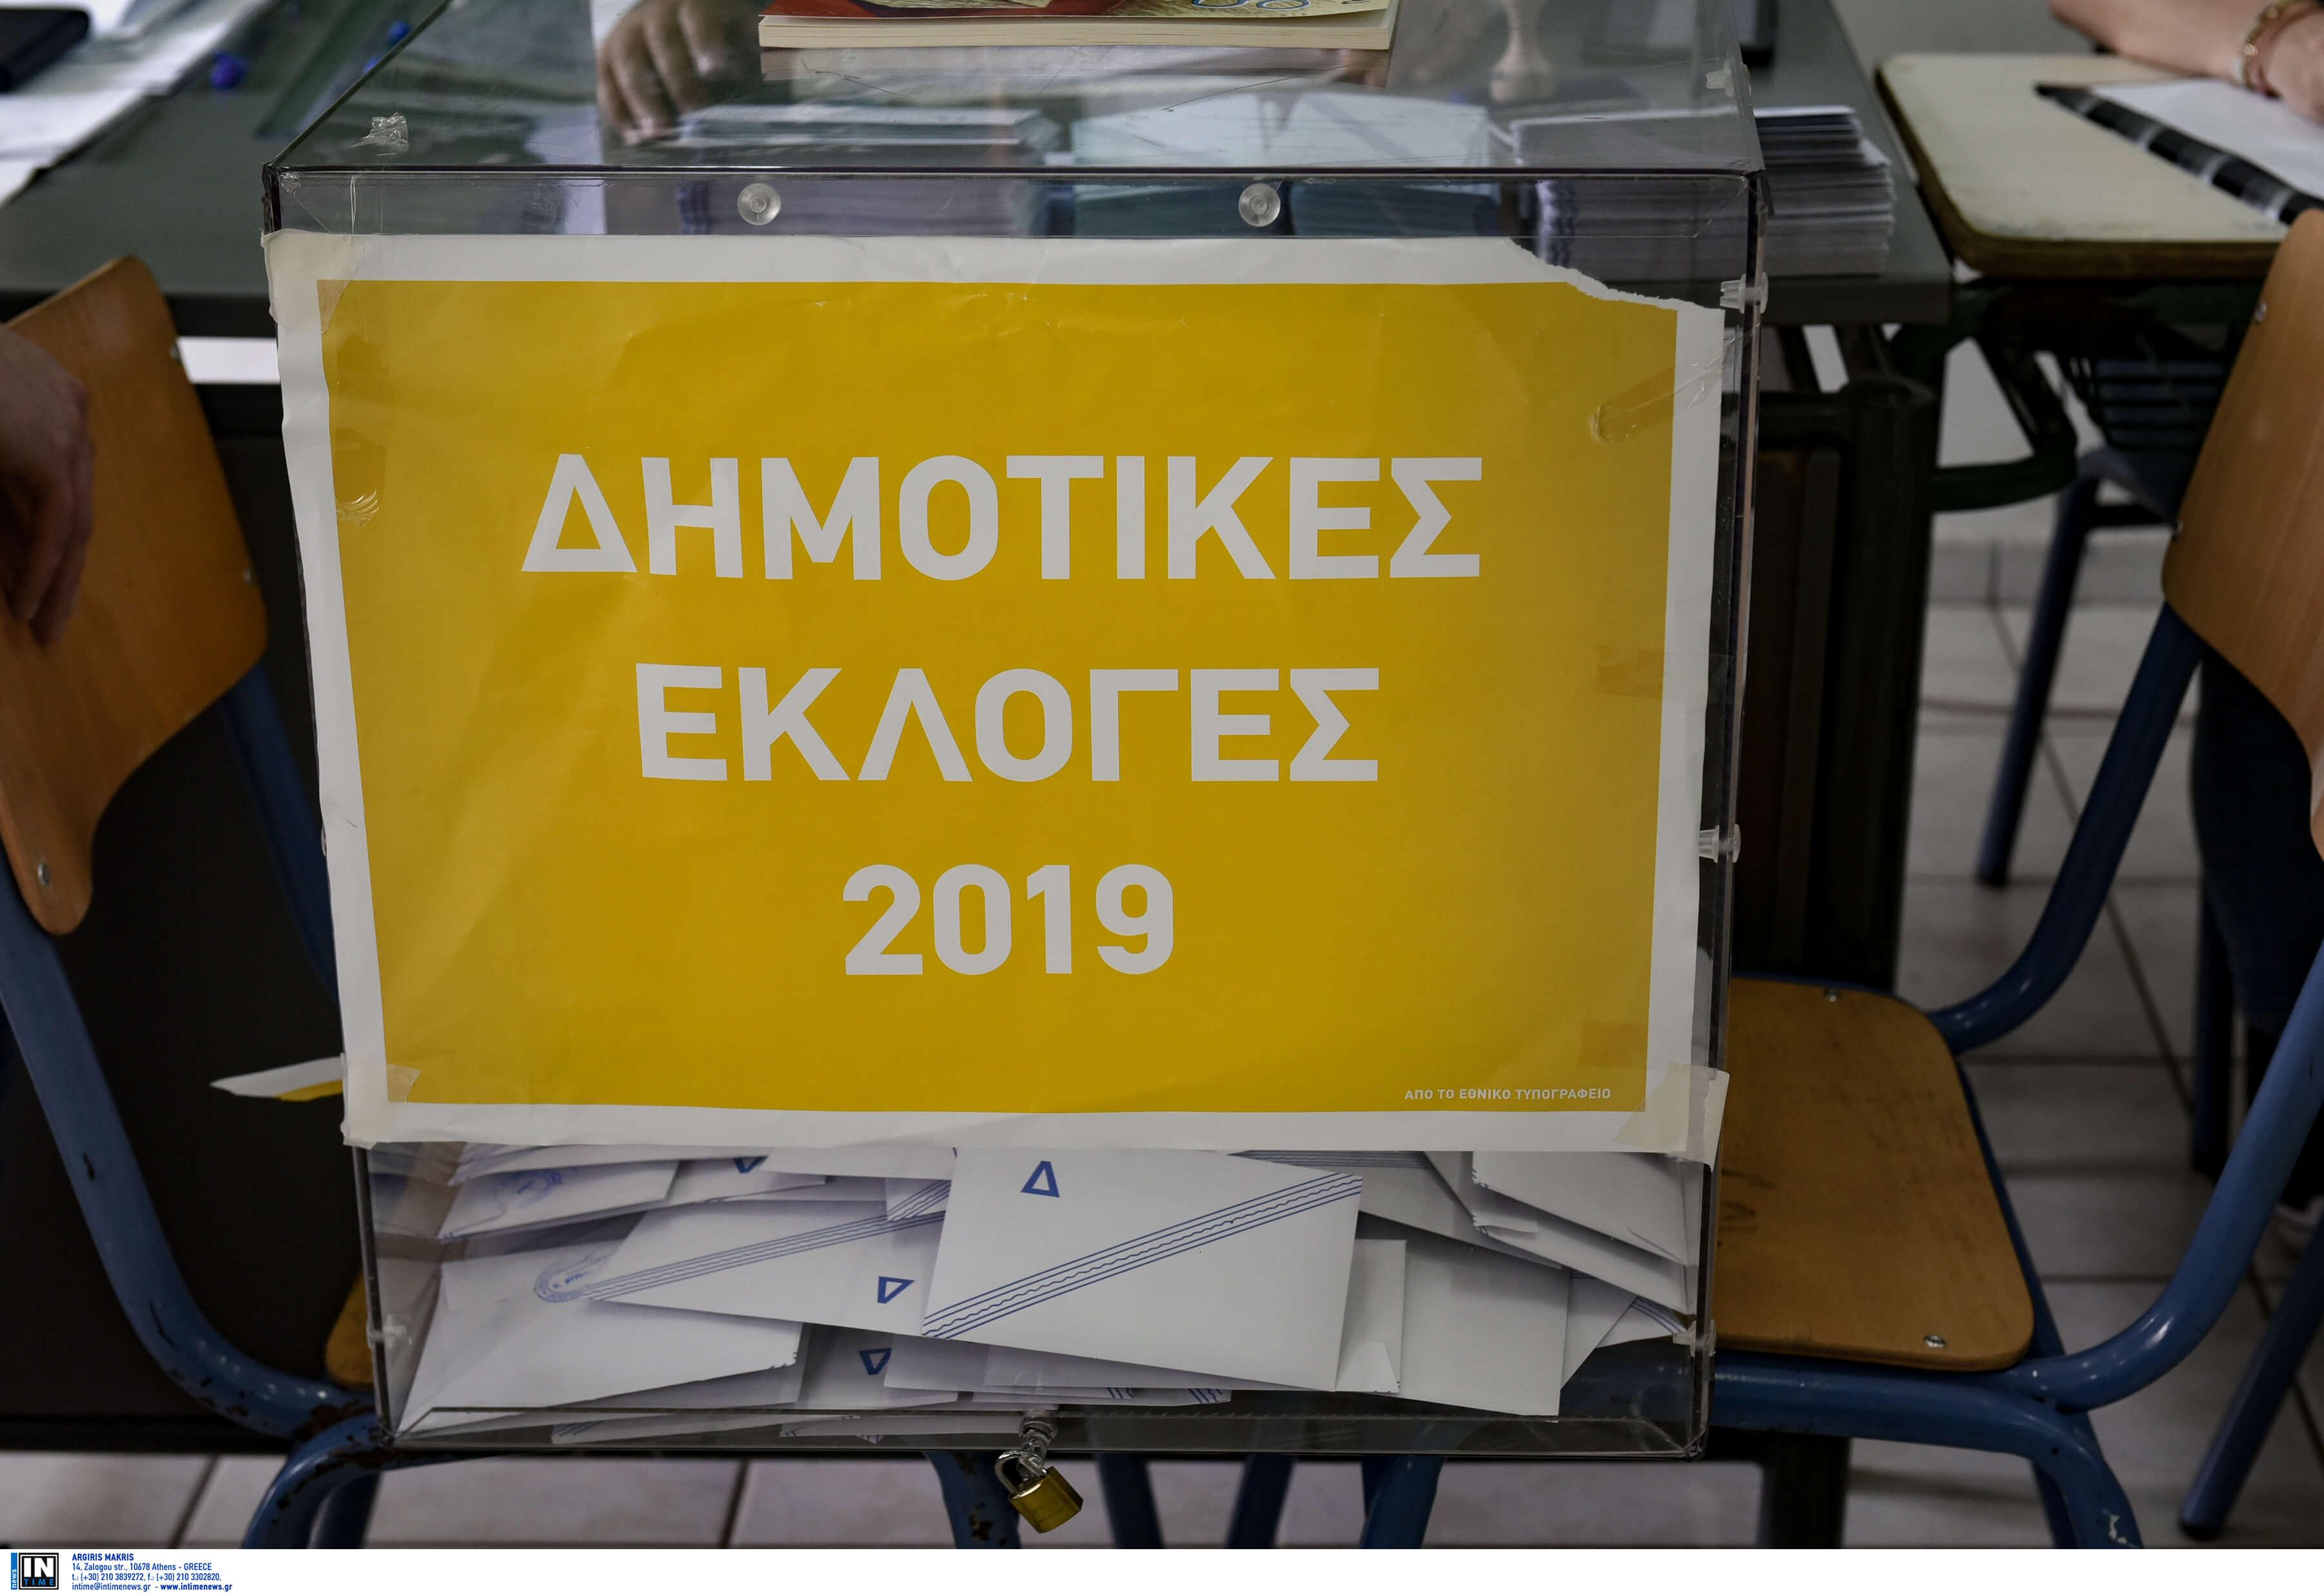 Αποτελέσματα Εκλογών – Σταυροί προτίμησης Δήμος Αγίου Δημητρίου: Ποιοι δημοτικοί σύμβουλοι εκλέγονται